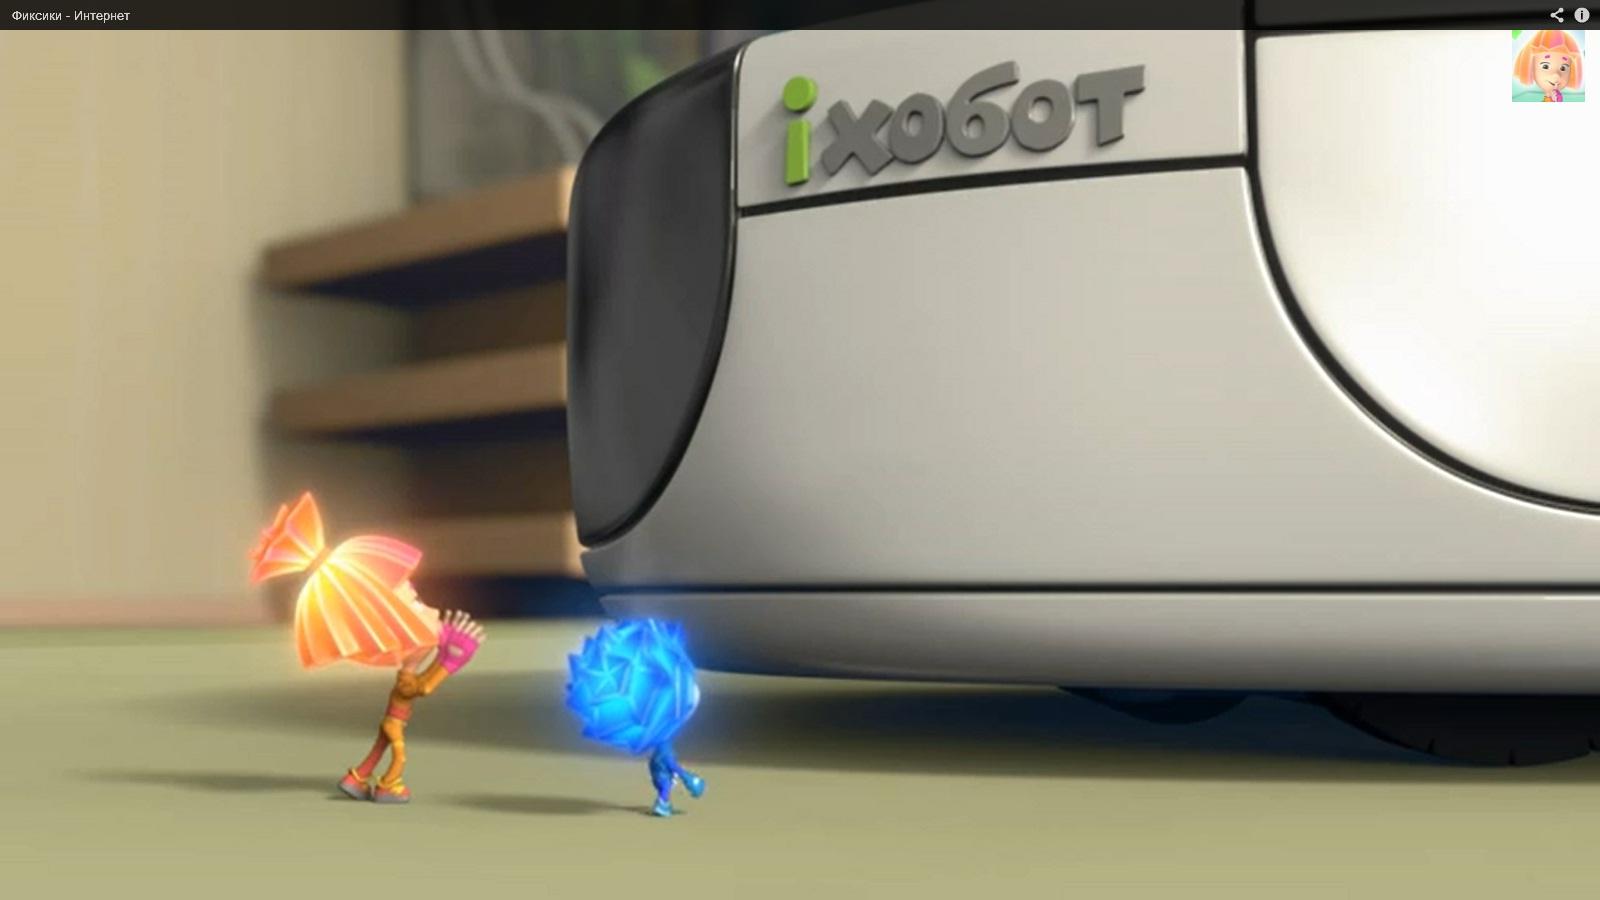 rroma : Роботы-пылесосы. iRobot и другие. Краткое сравнение а ...